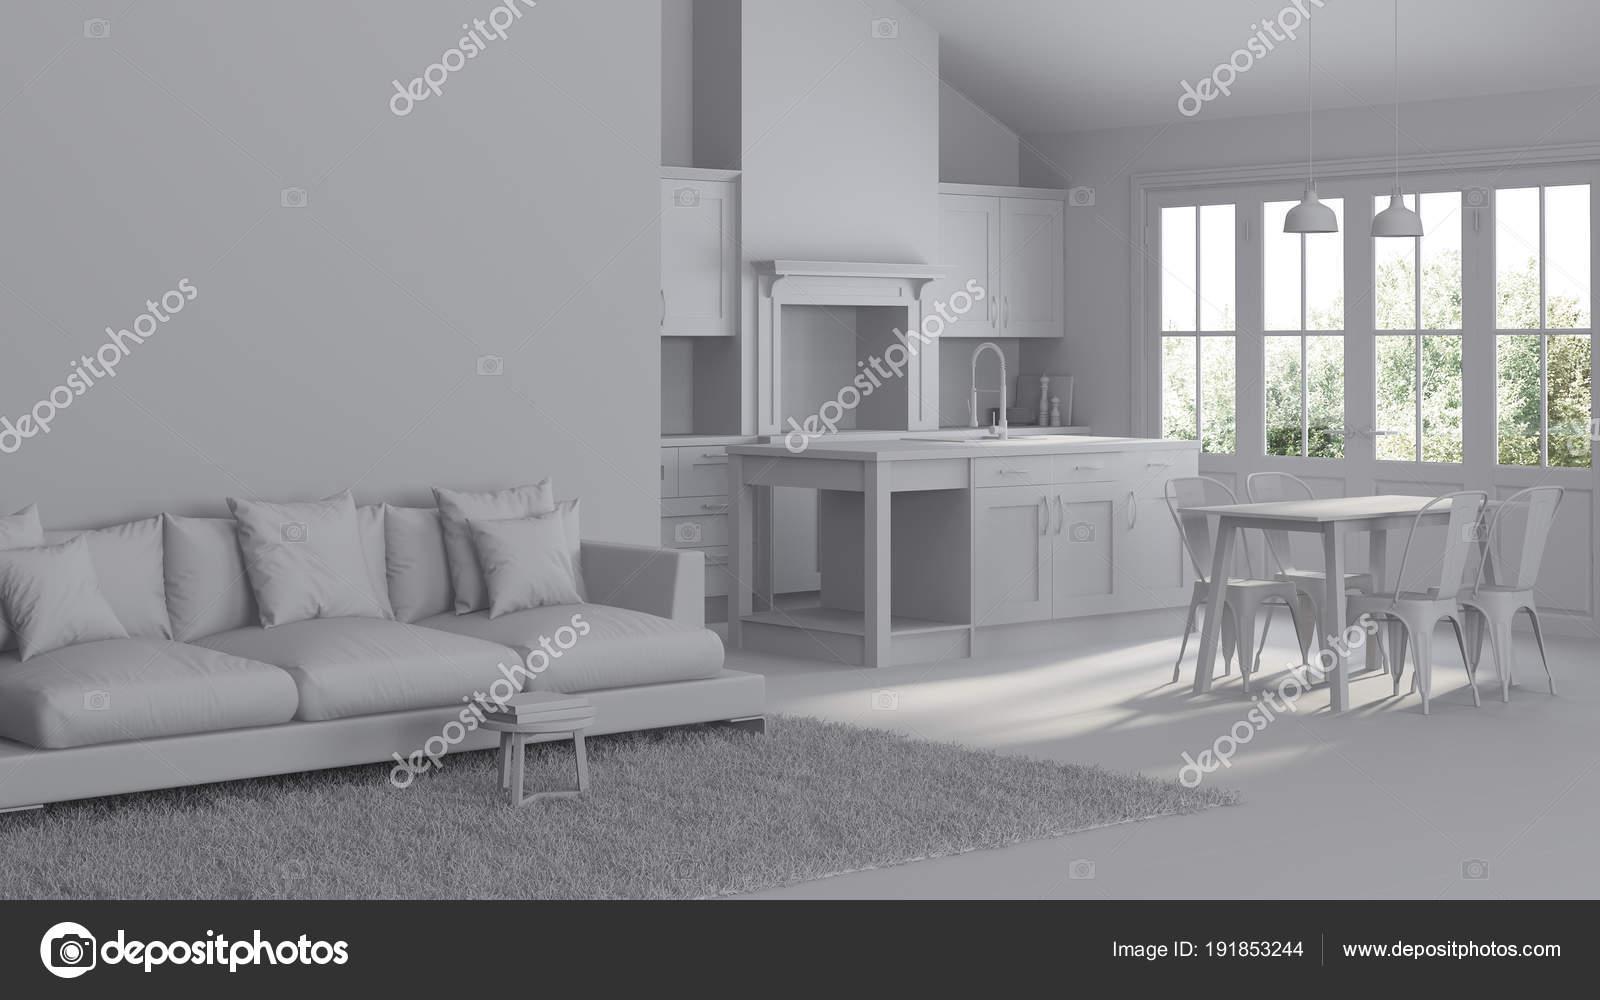 Interni Casa Grigio : Interni moderni una casa campagna riparazioni interno grigio